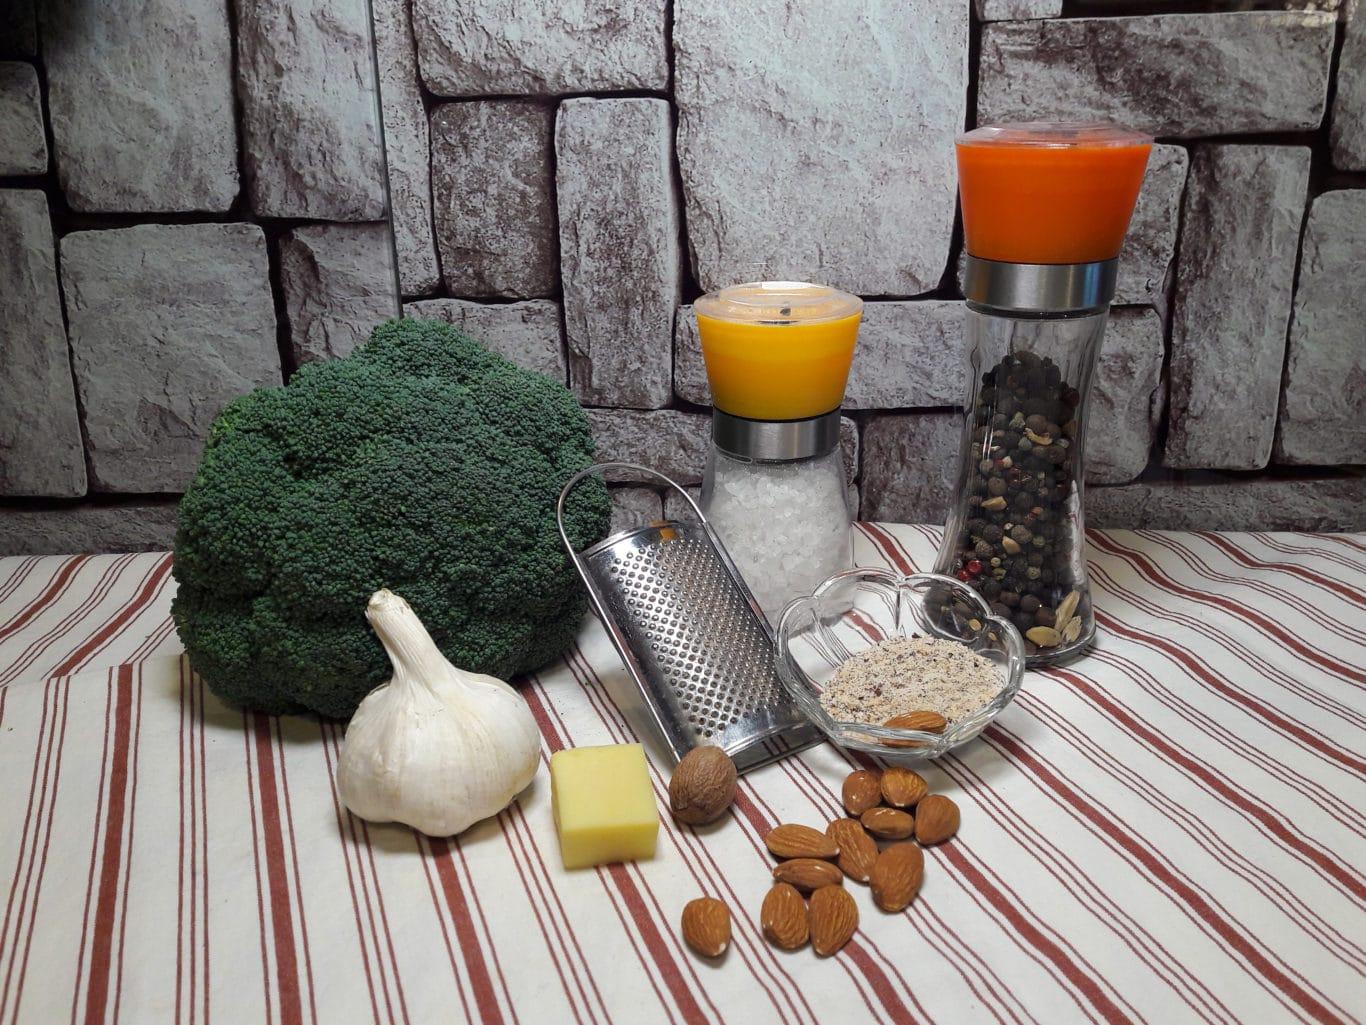 Die Zutaten für eine leckere Brokkolicremesuppe